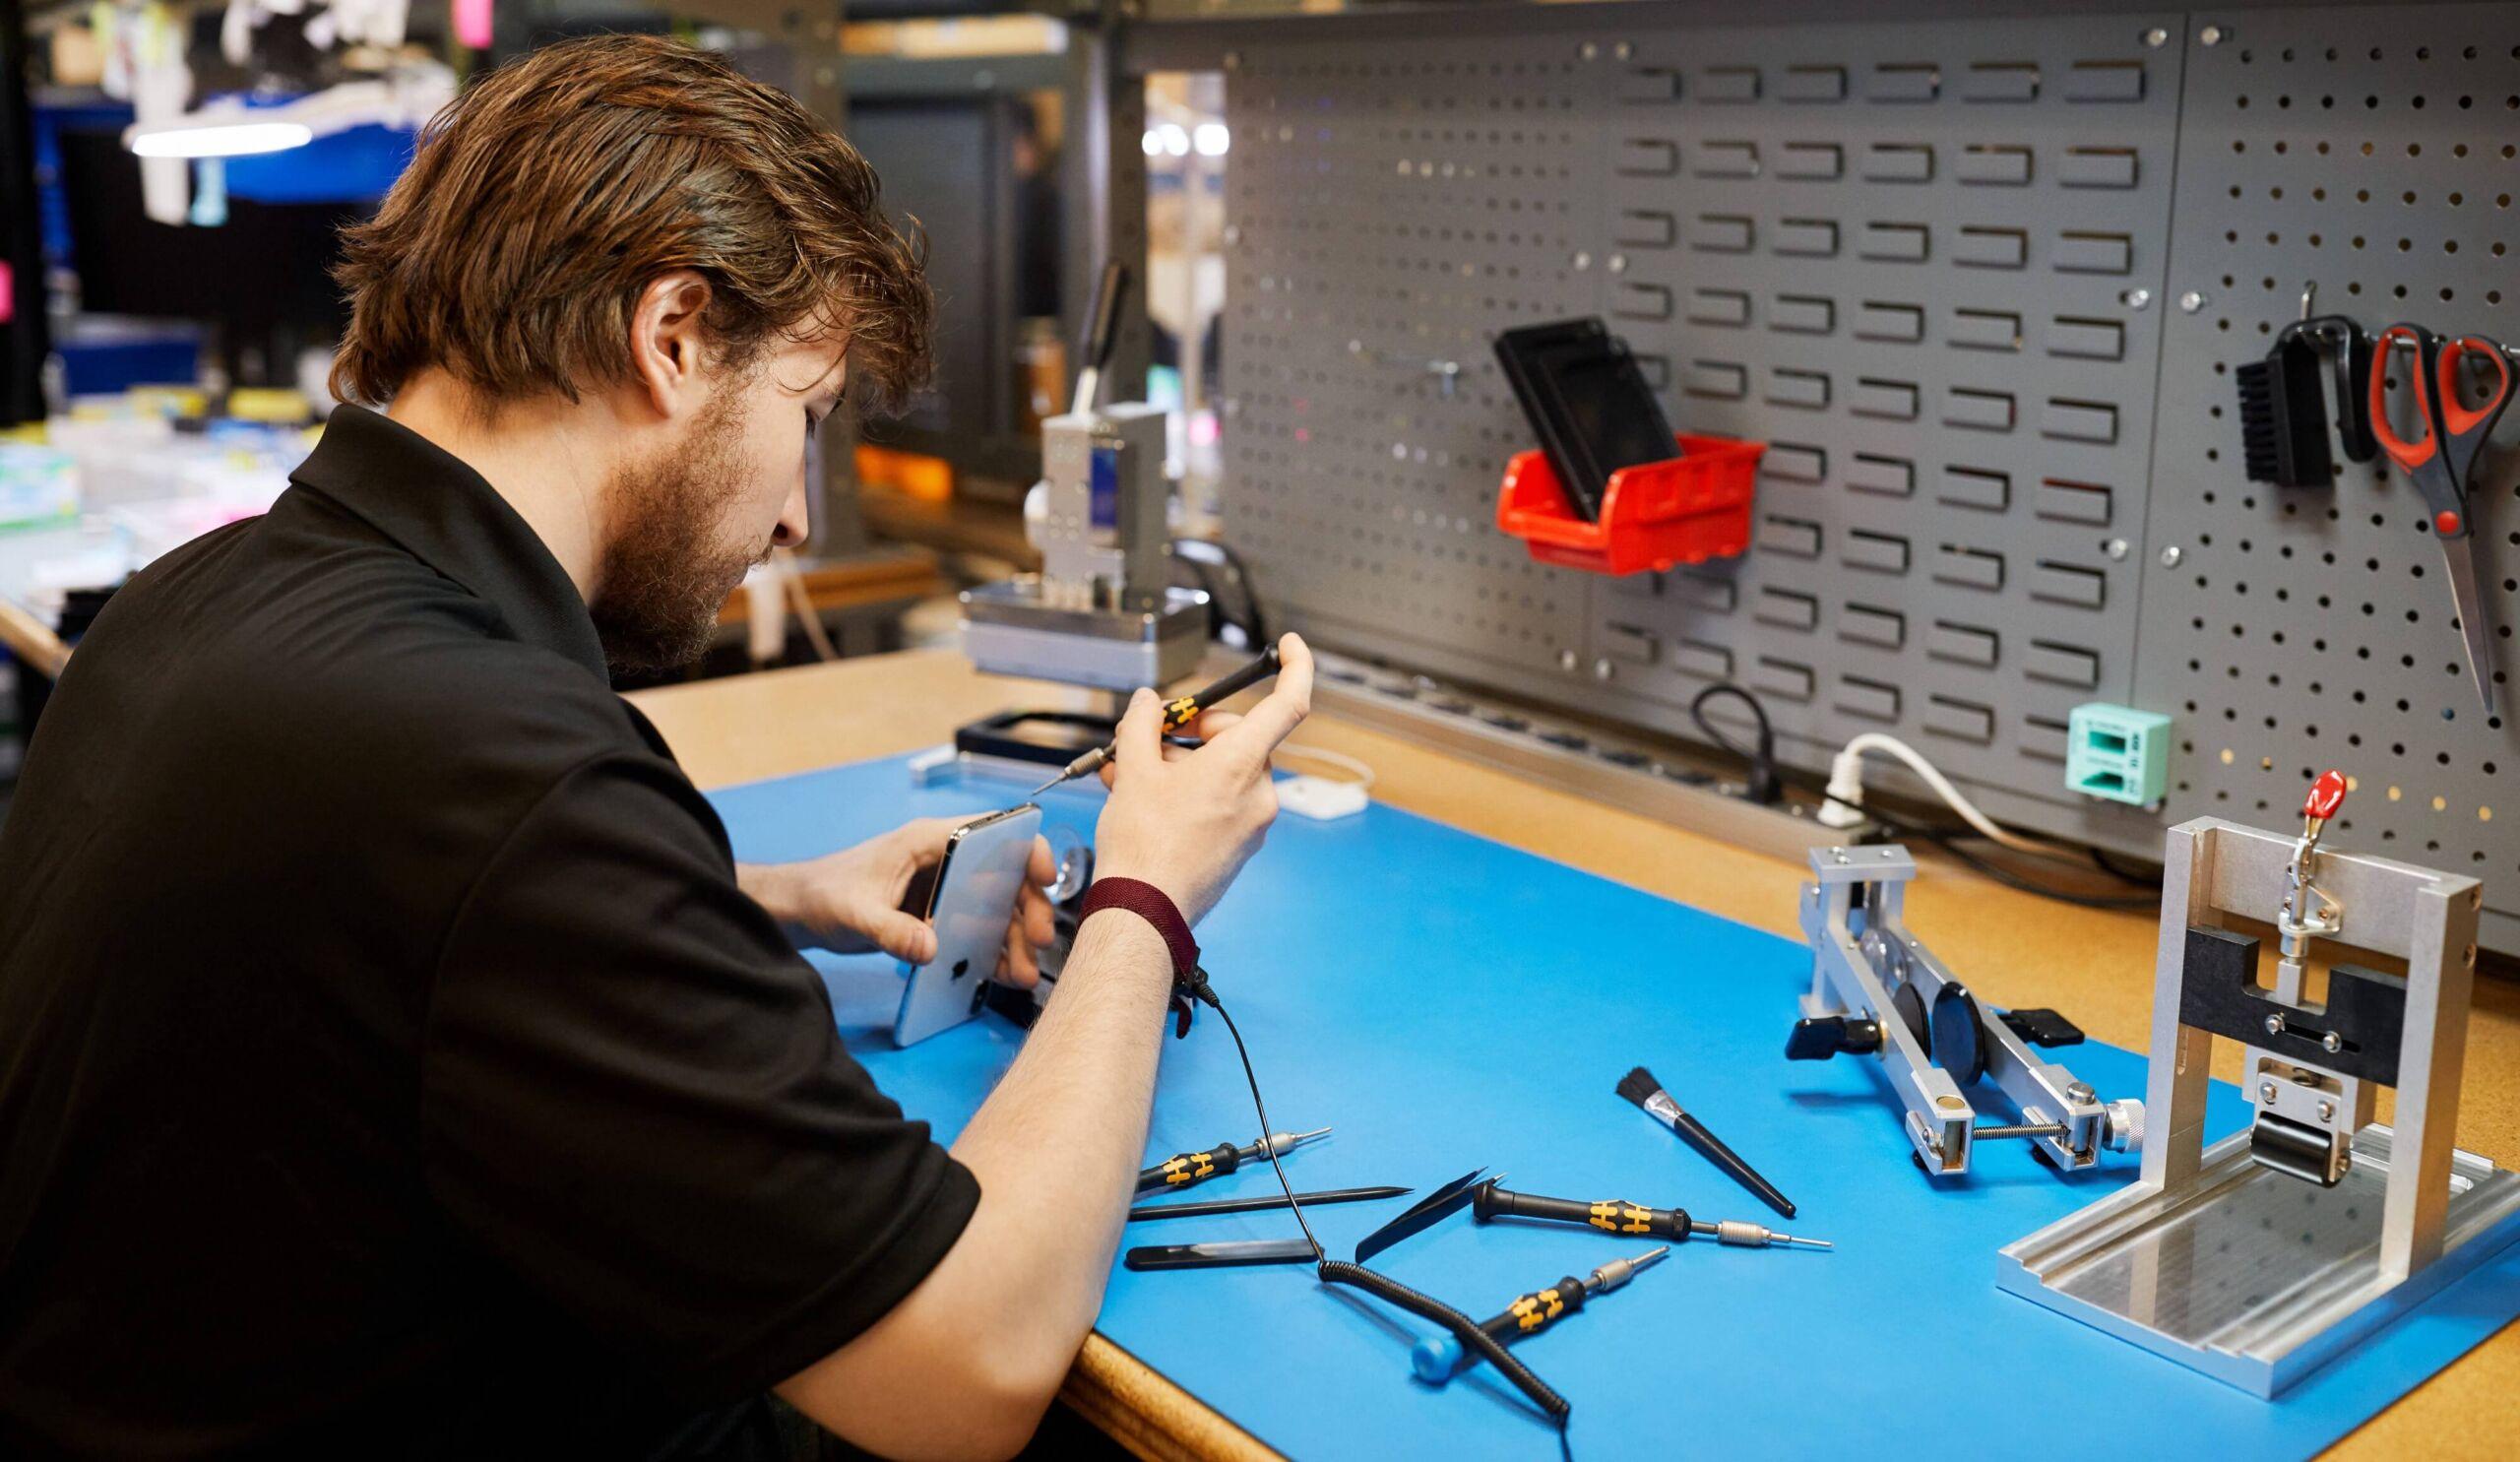 специалист по ремонт у айфона